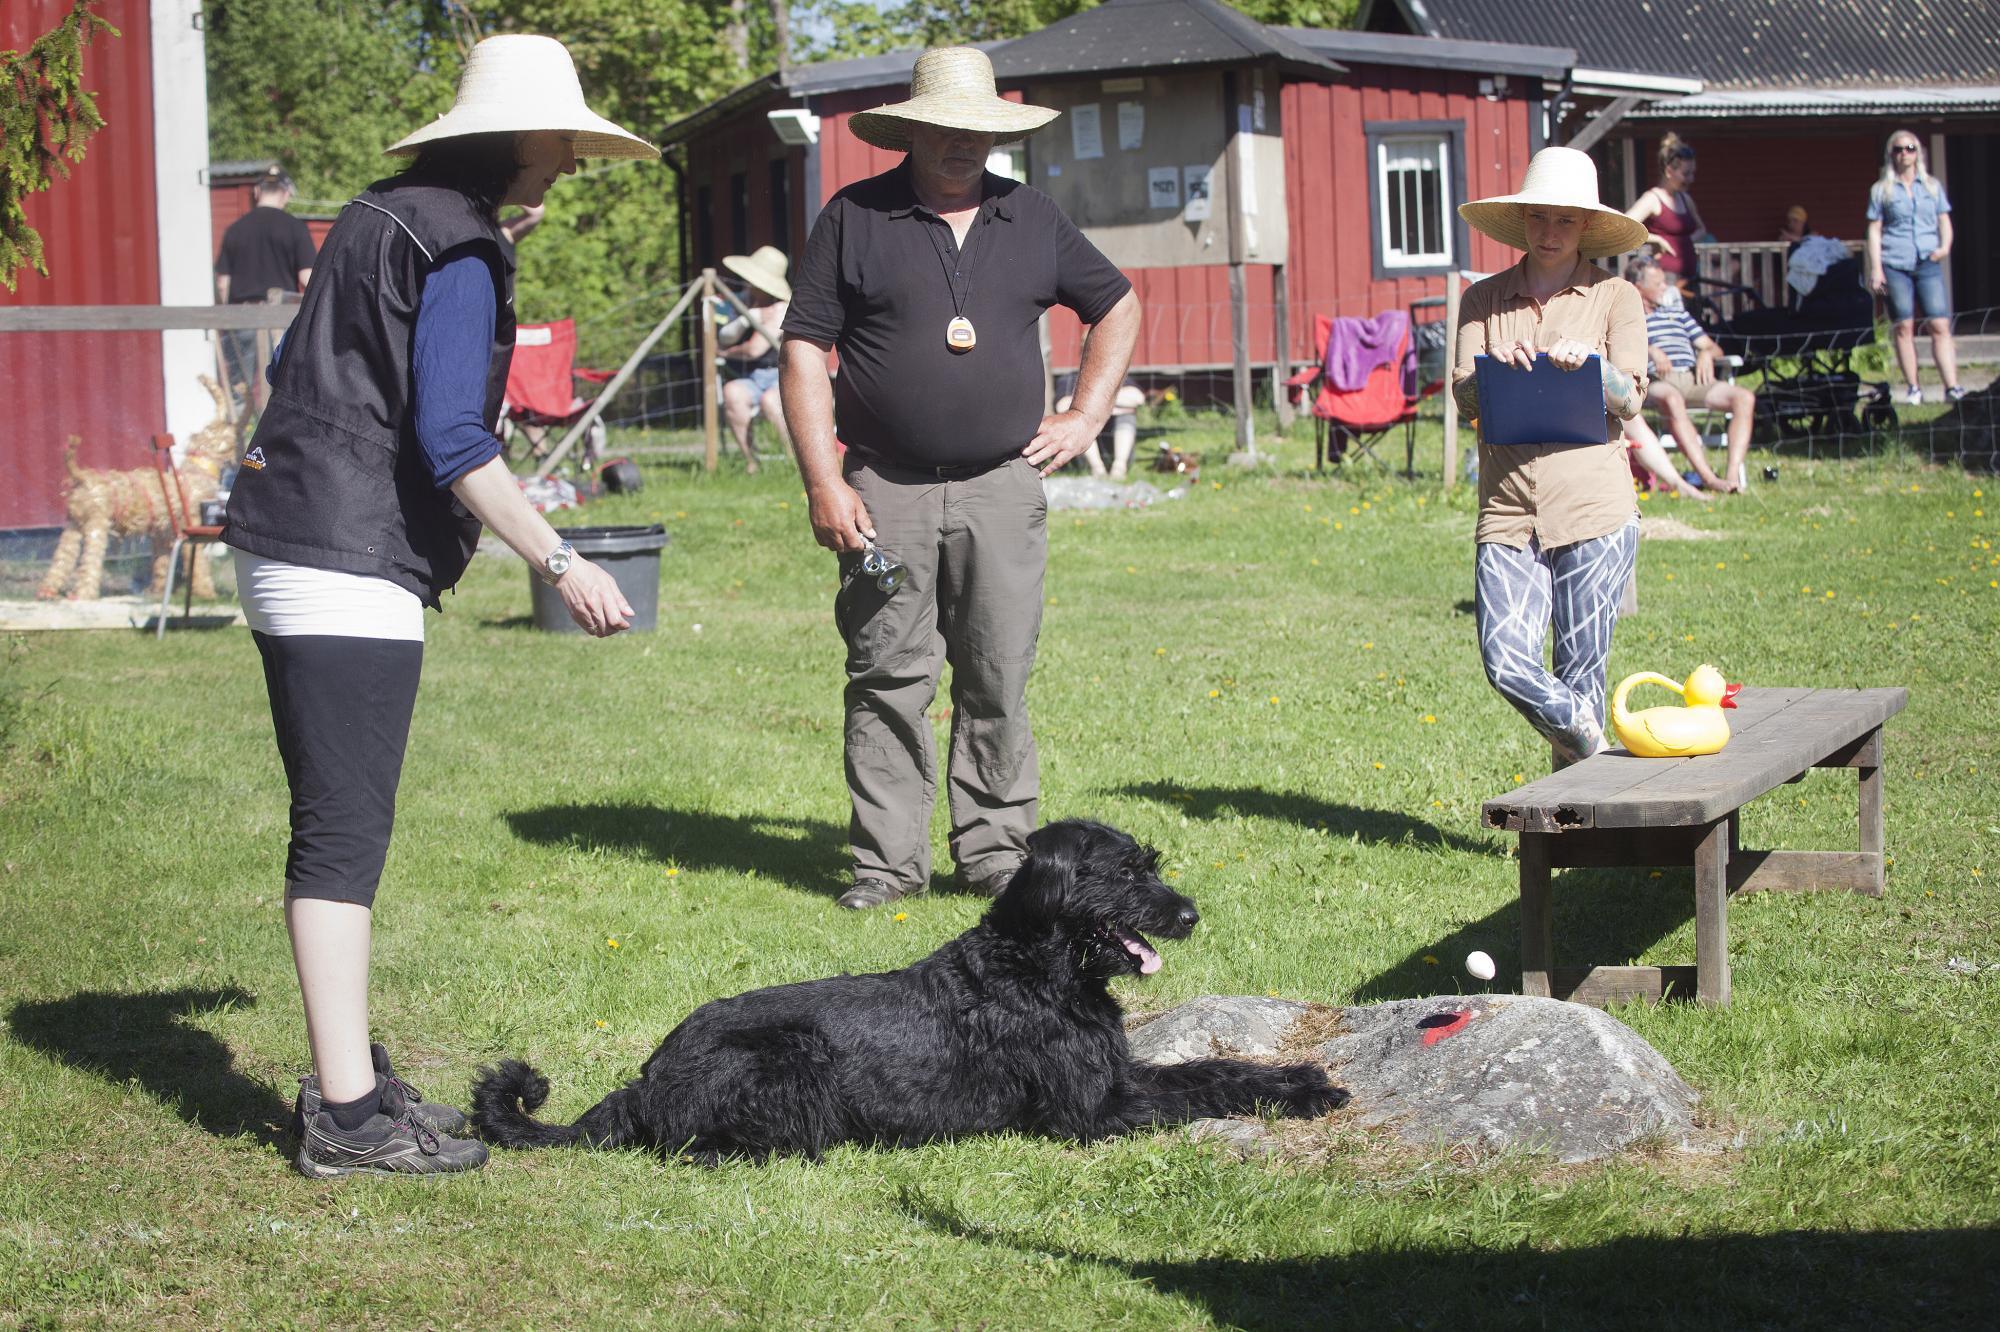 Inte bara hundar av rasen Malinois tävlade på helgens tävlingar. Här Riesenschnauzern Hexa, Arbaqs Narnia i momentet matvägran. Hunden skall då varken slicka eller äta det den frestas med. Hundarna i klass 1 frestades med ett kokt ägg.